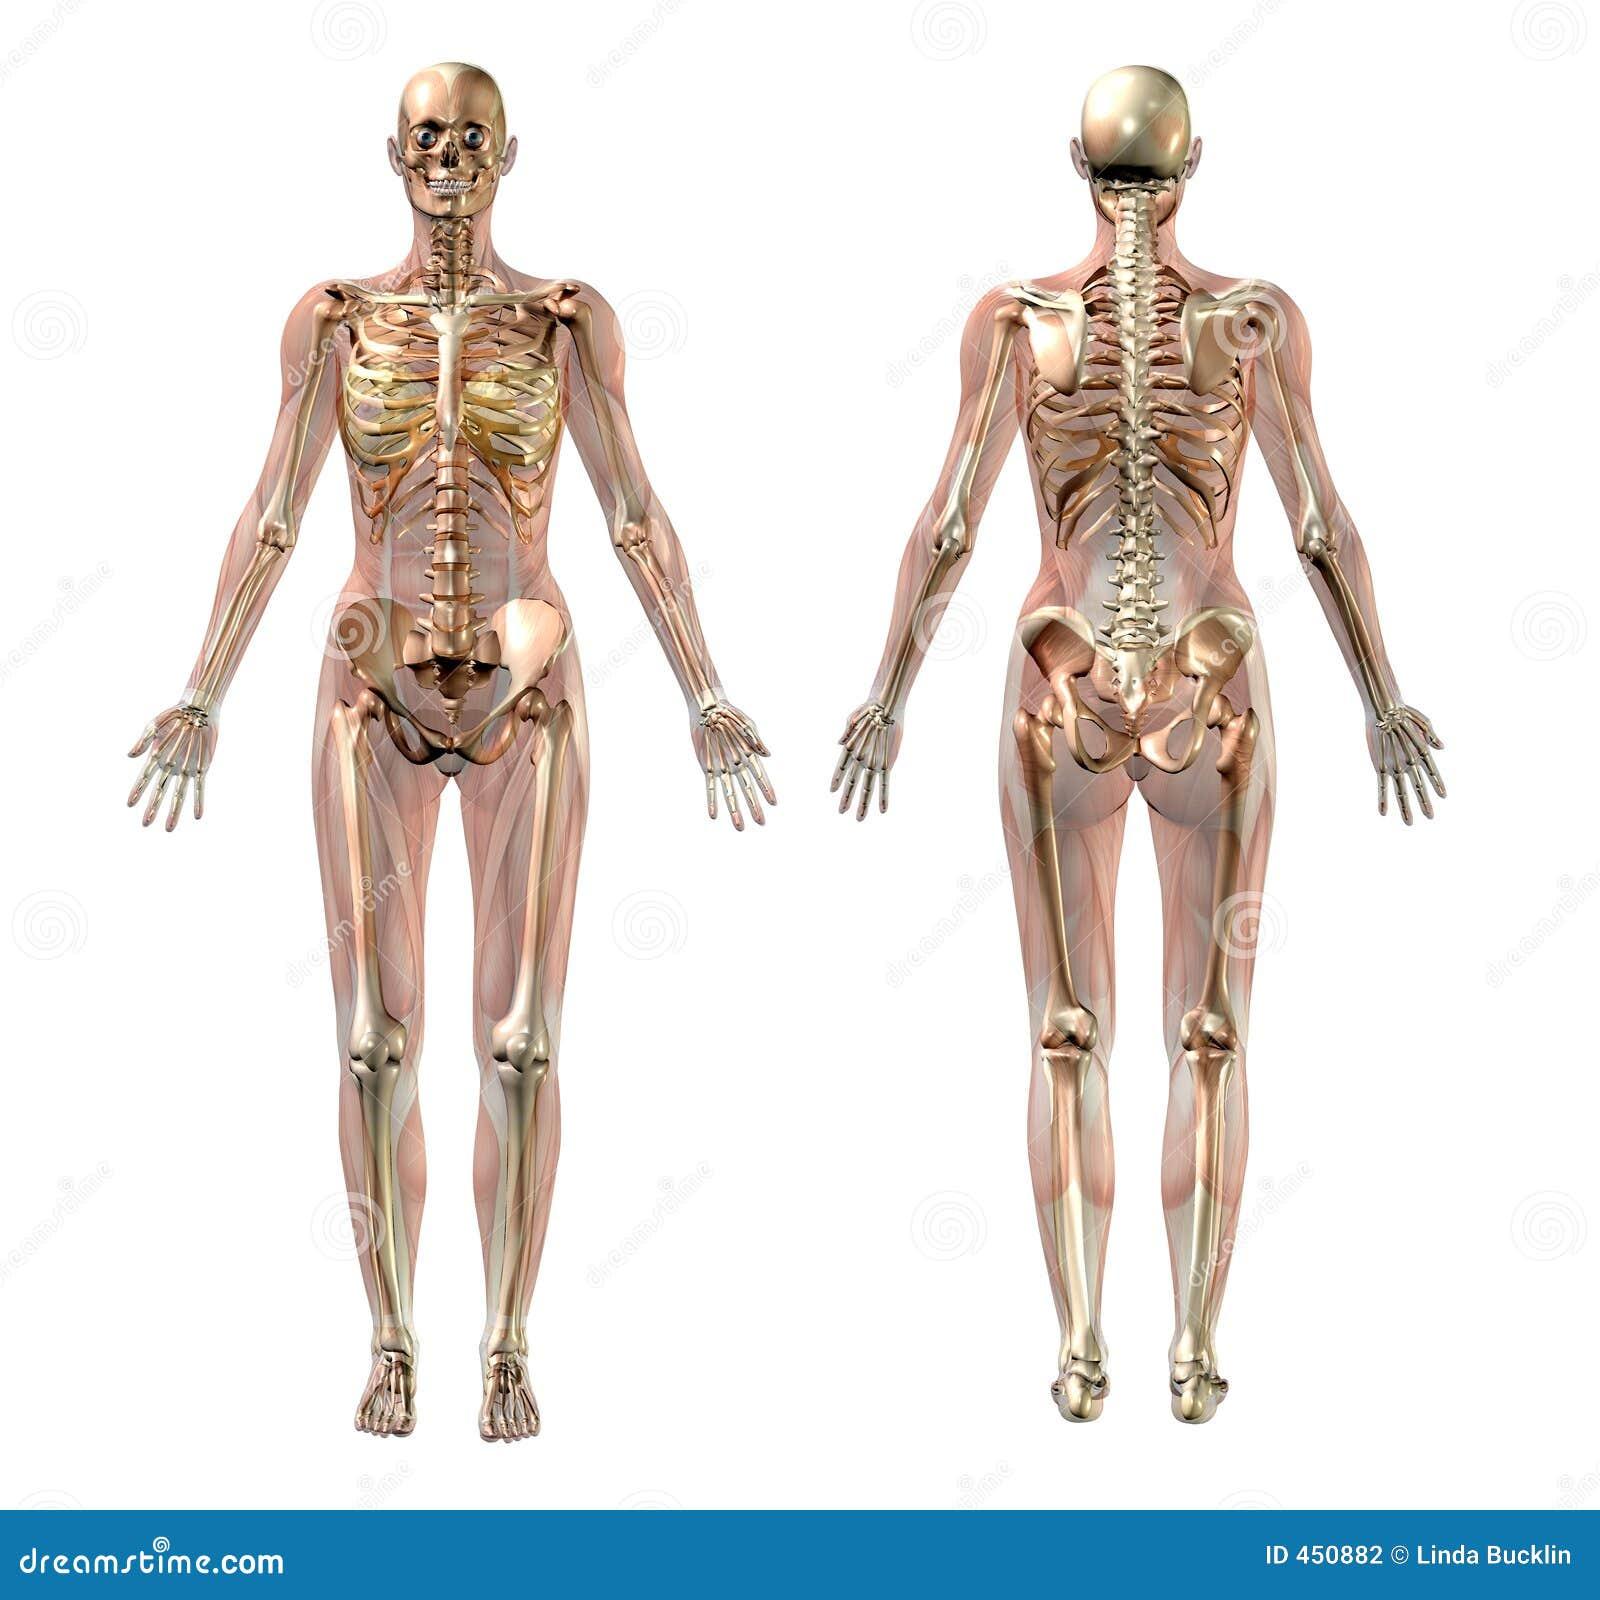 Berühmt Skelett Mit Muskeln Diagramm Fotos - Menschliche Anatomie ...